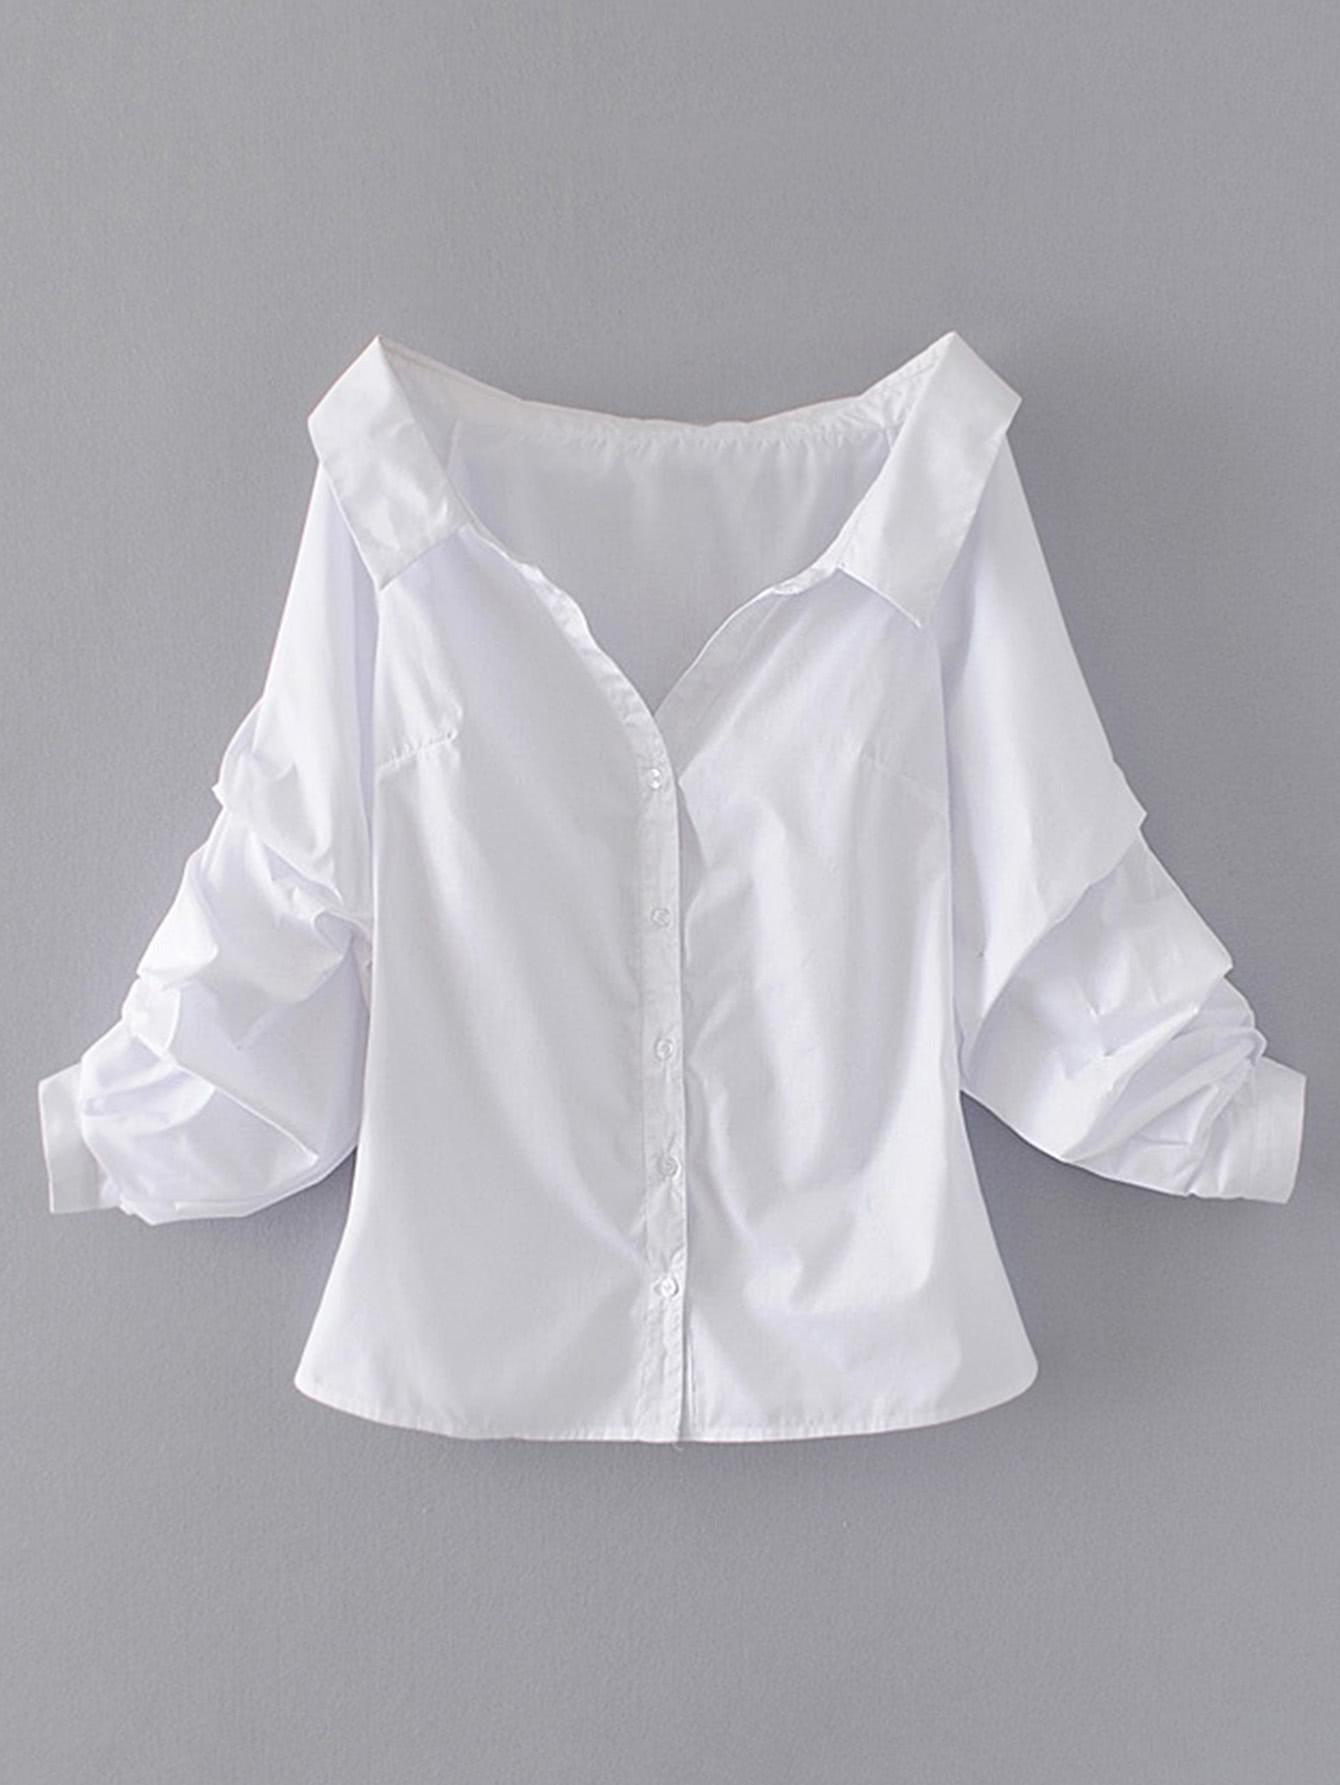 Купить Модная блуза на кнопках с открытыми плечами, null, SheIn